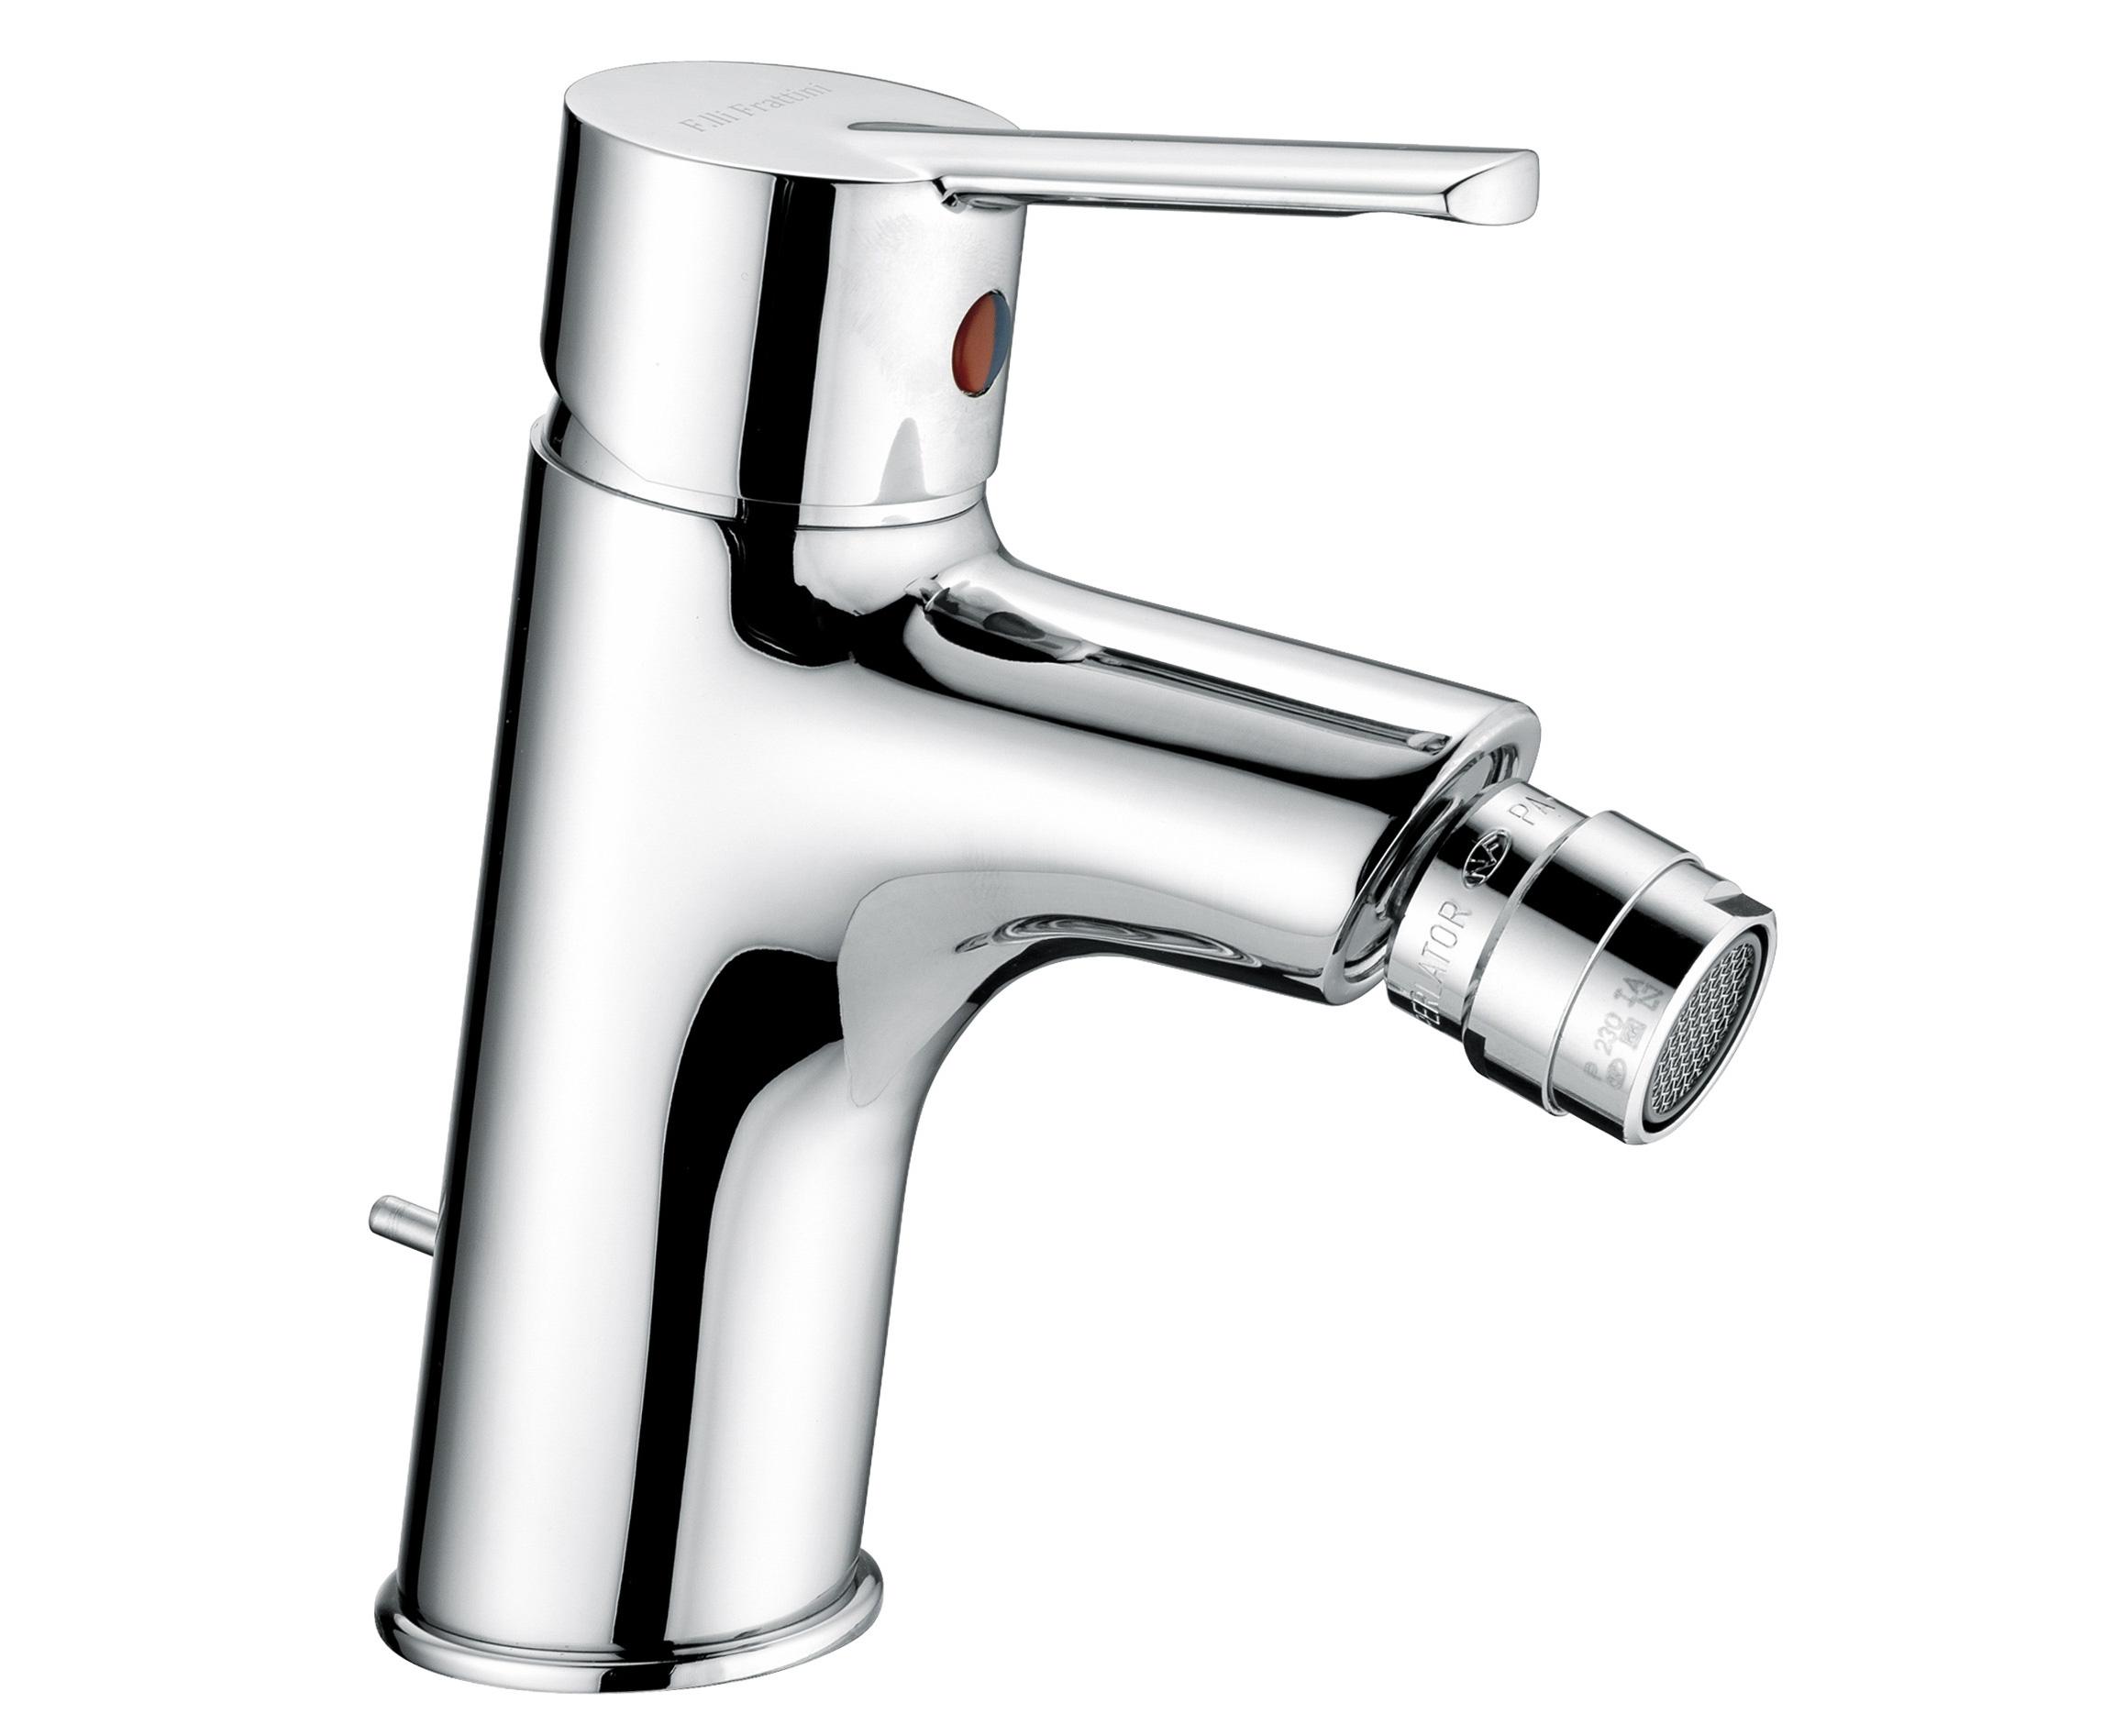 Mito monocomando bidet f lli frattini rubinetterie da bagno